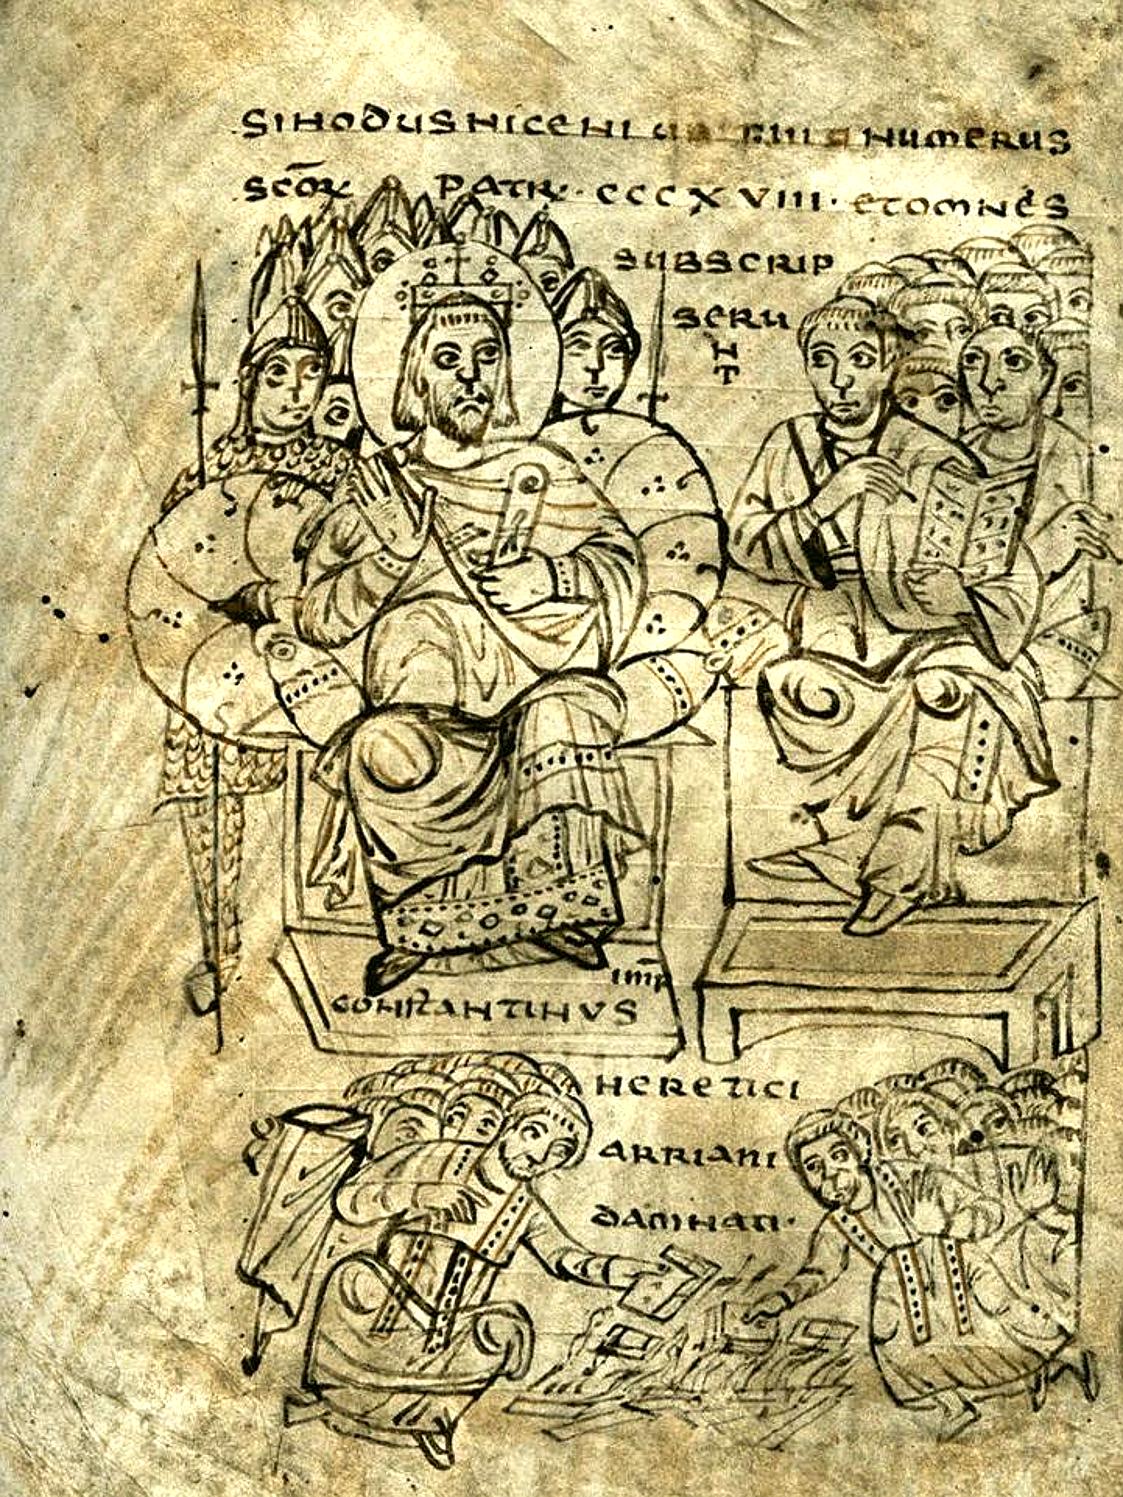 Costantino fa bruciare i libri ariani, ritenute eretiche nel Concilio di Nicea. Illustrazione del IX secolo.